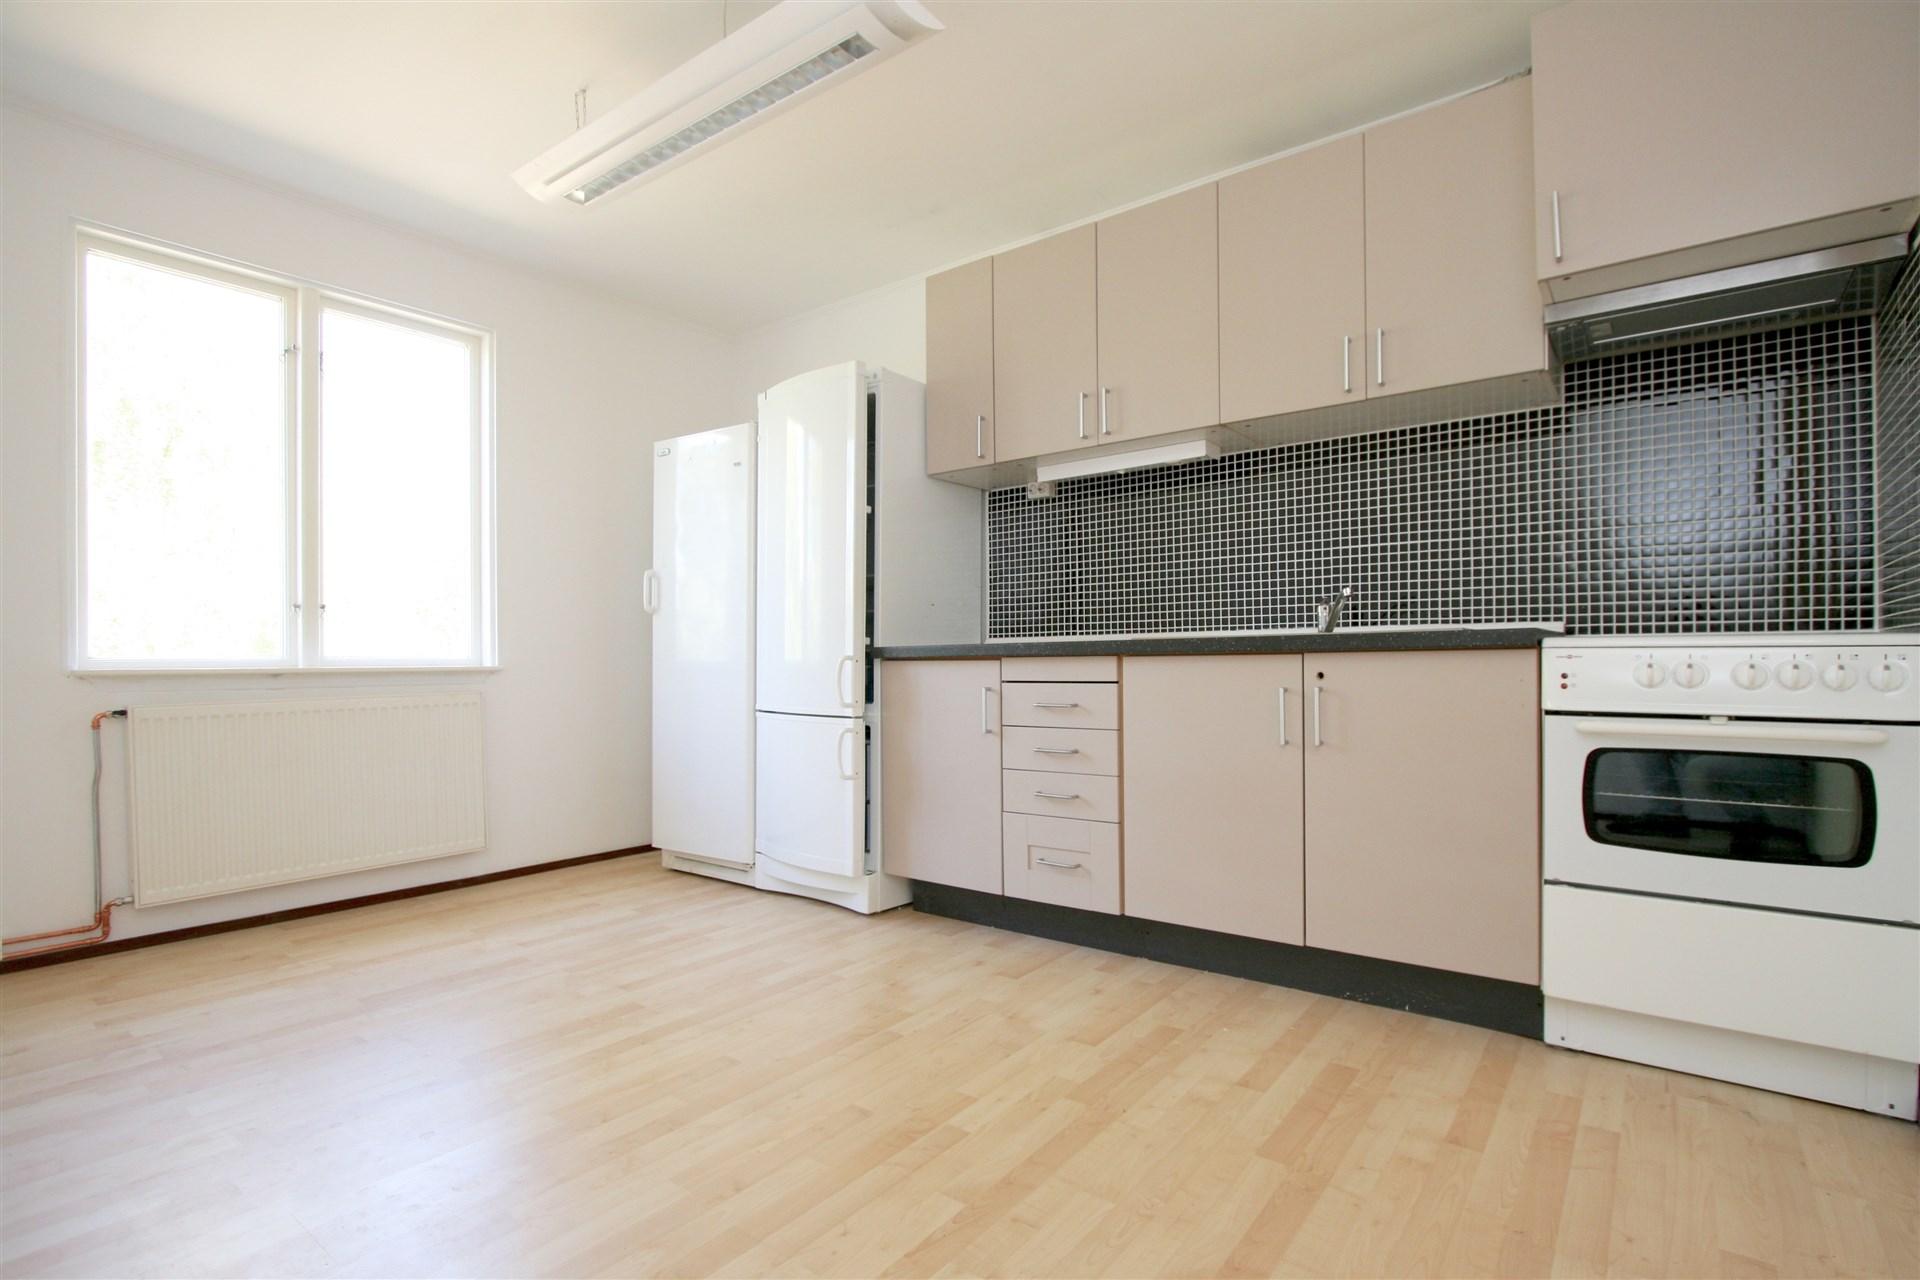 Lägenhet nr 4